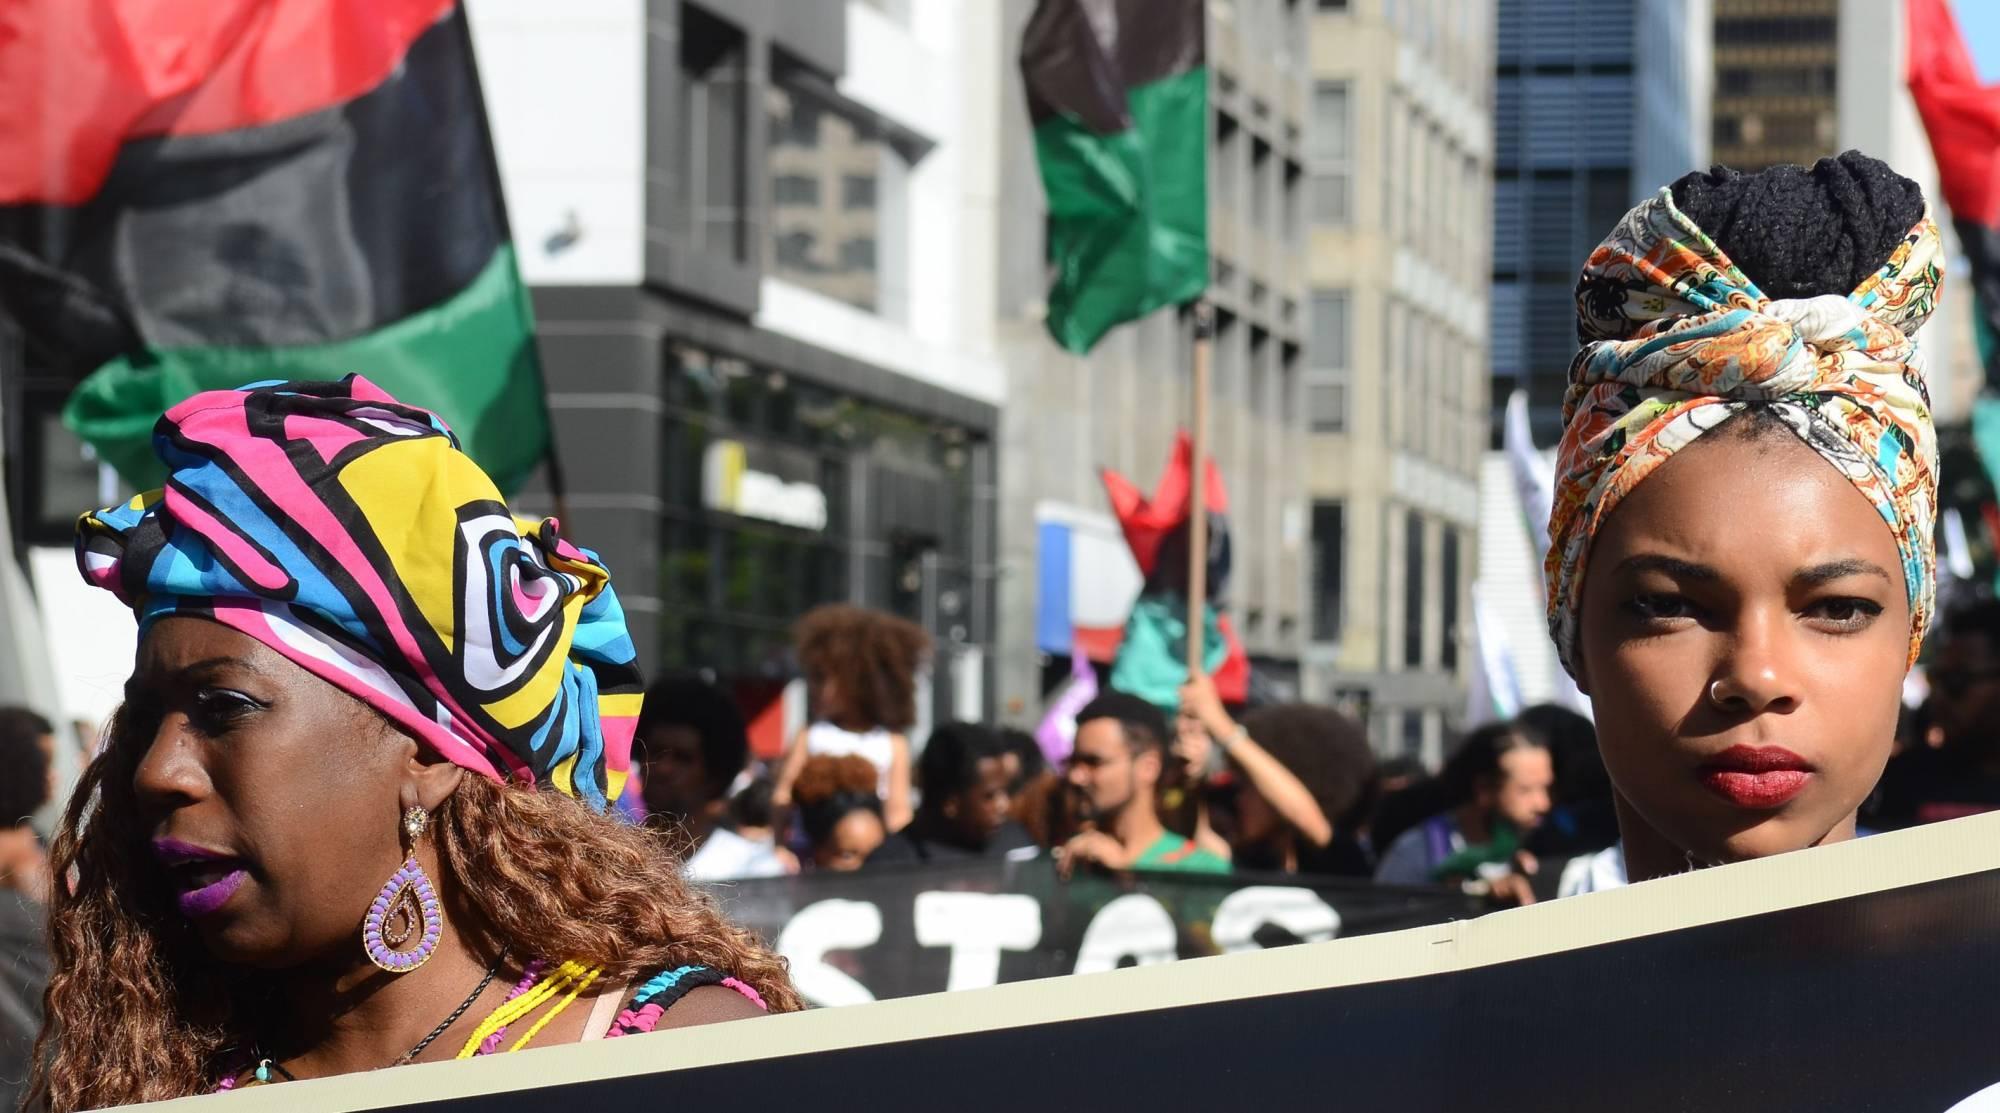 RR_13-marcha-consciencia-negra-em-Sao-Paulo_00211202016.jpg